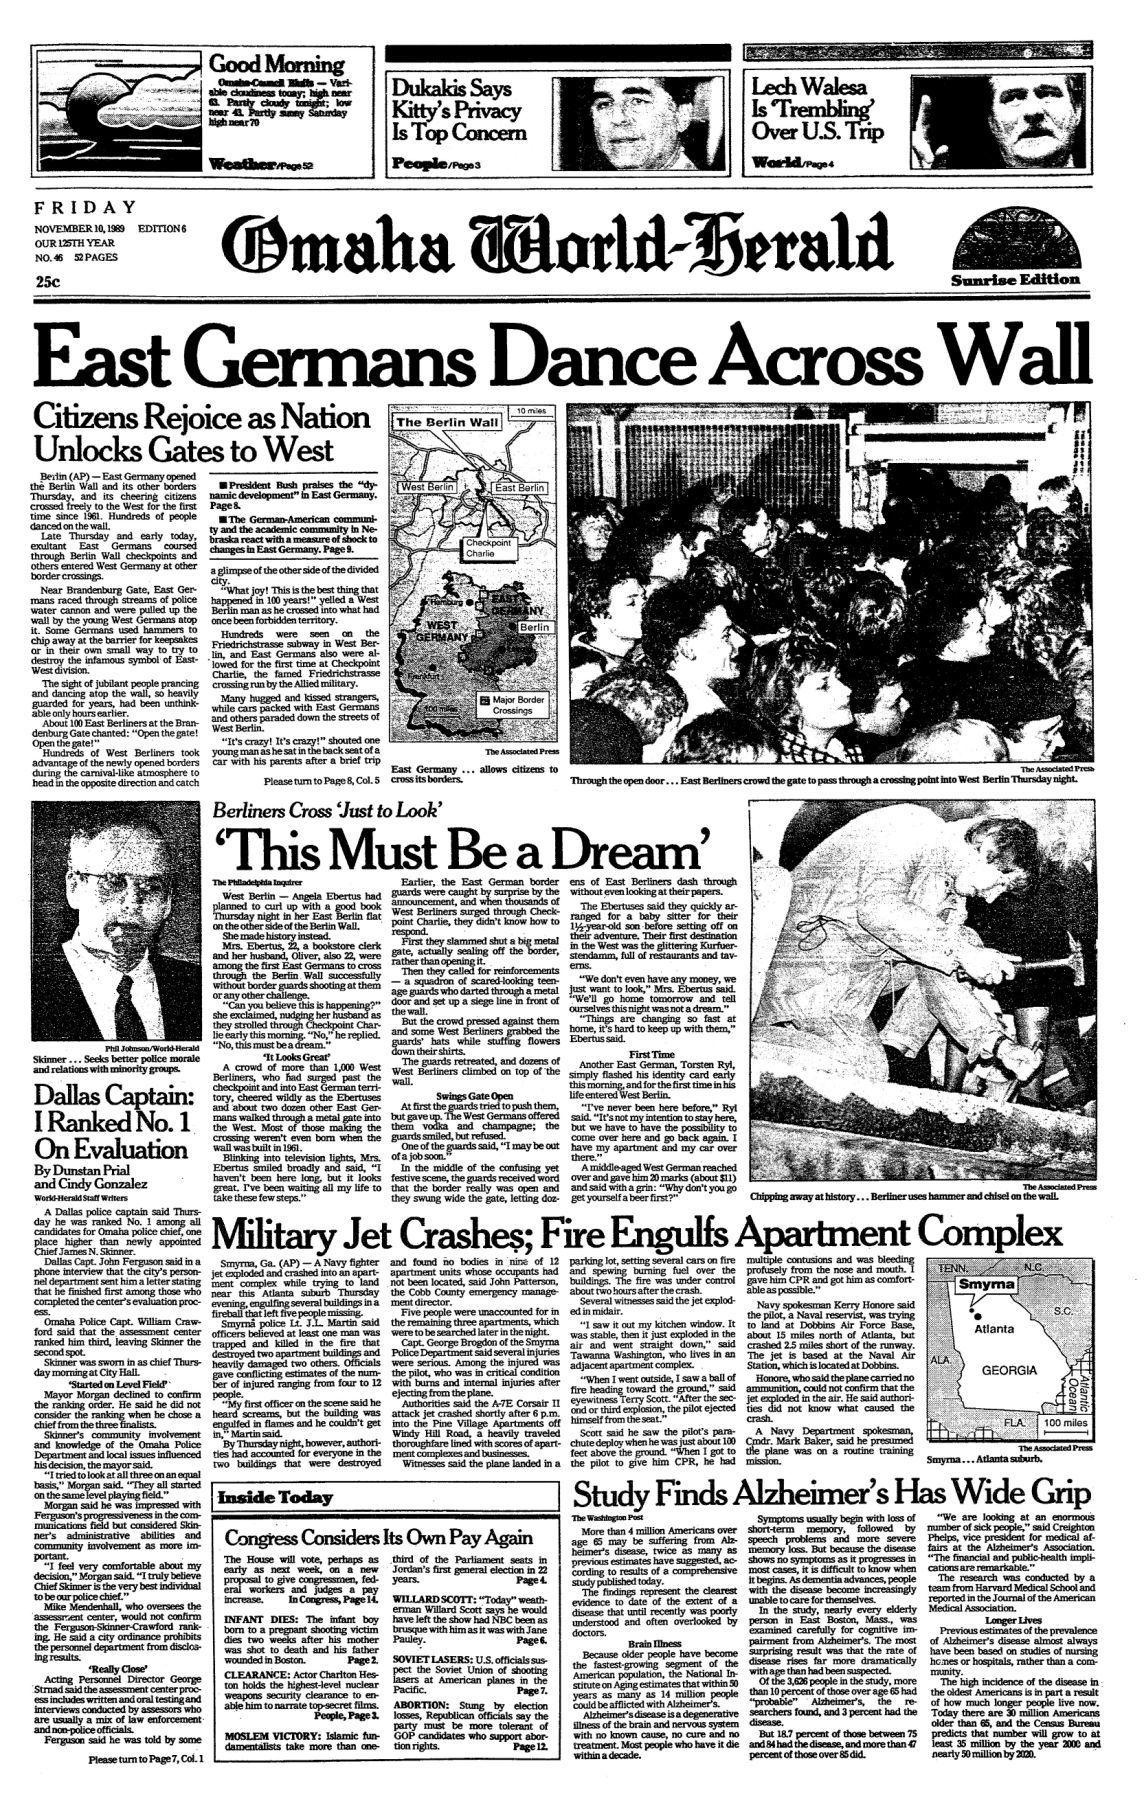 1989: Berlin Wall